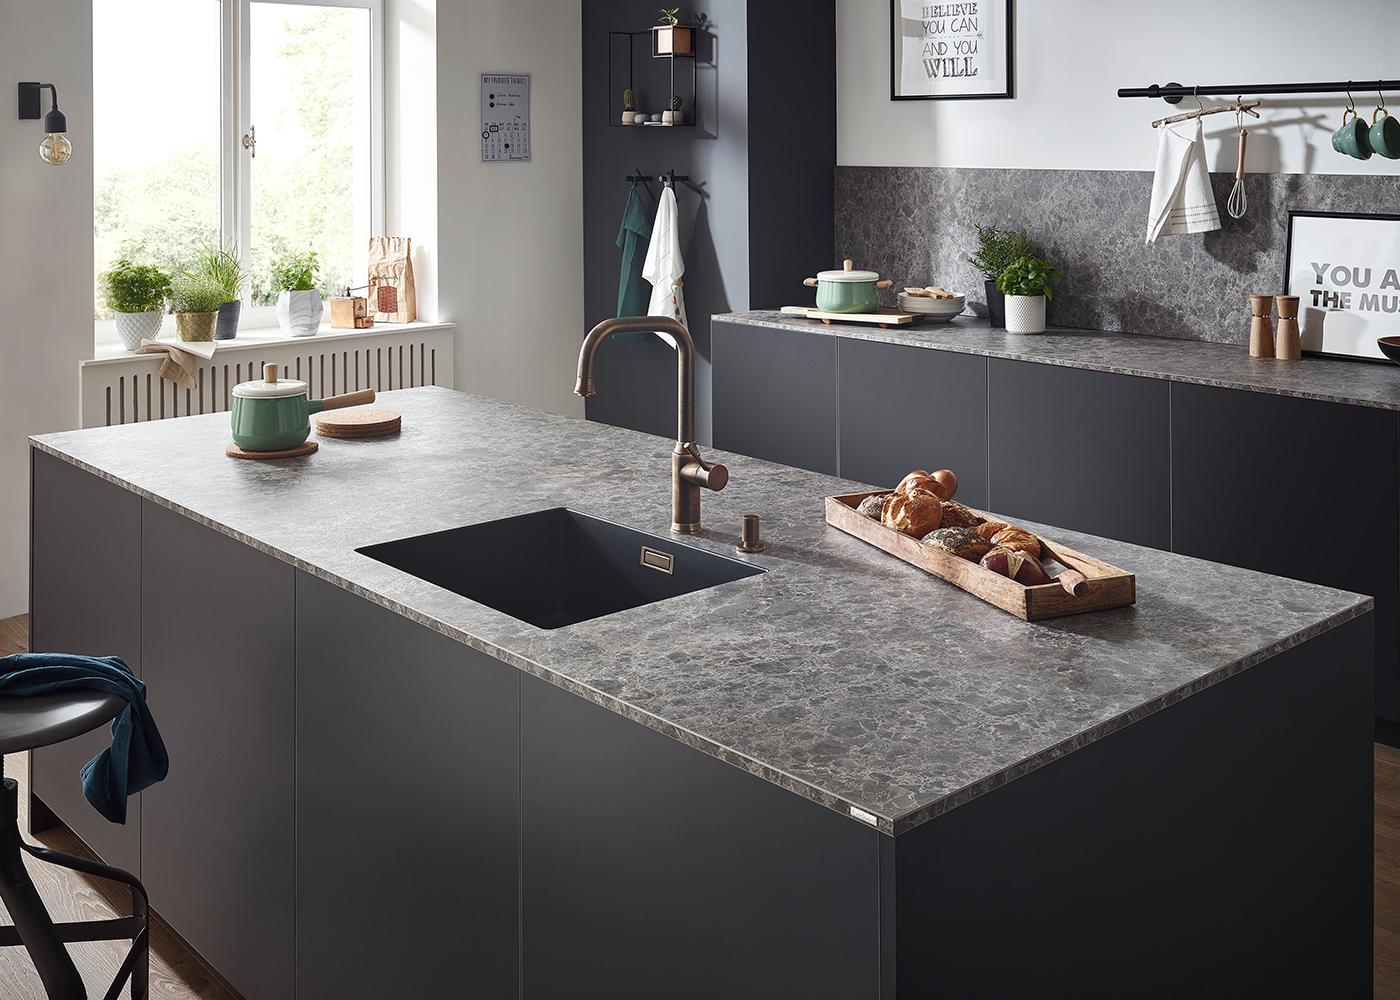 Full Size of Lechner Laminatrckwnde Einfach Online Planen Laminat Für Küche In Der Fürs Bad Badezimmer Im Wohnzimmer Küchenrückwand Laminat